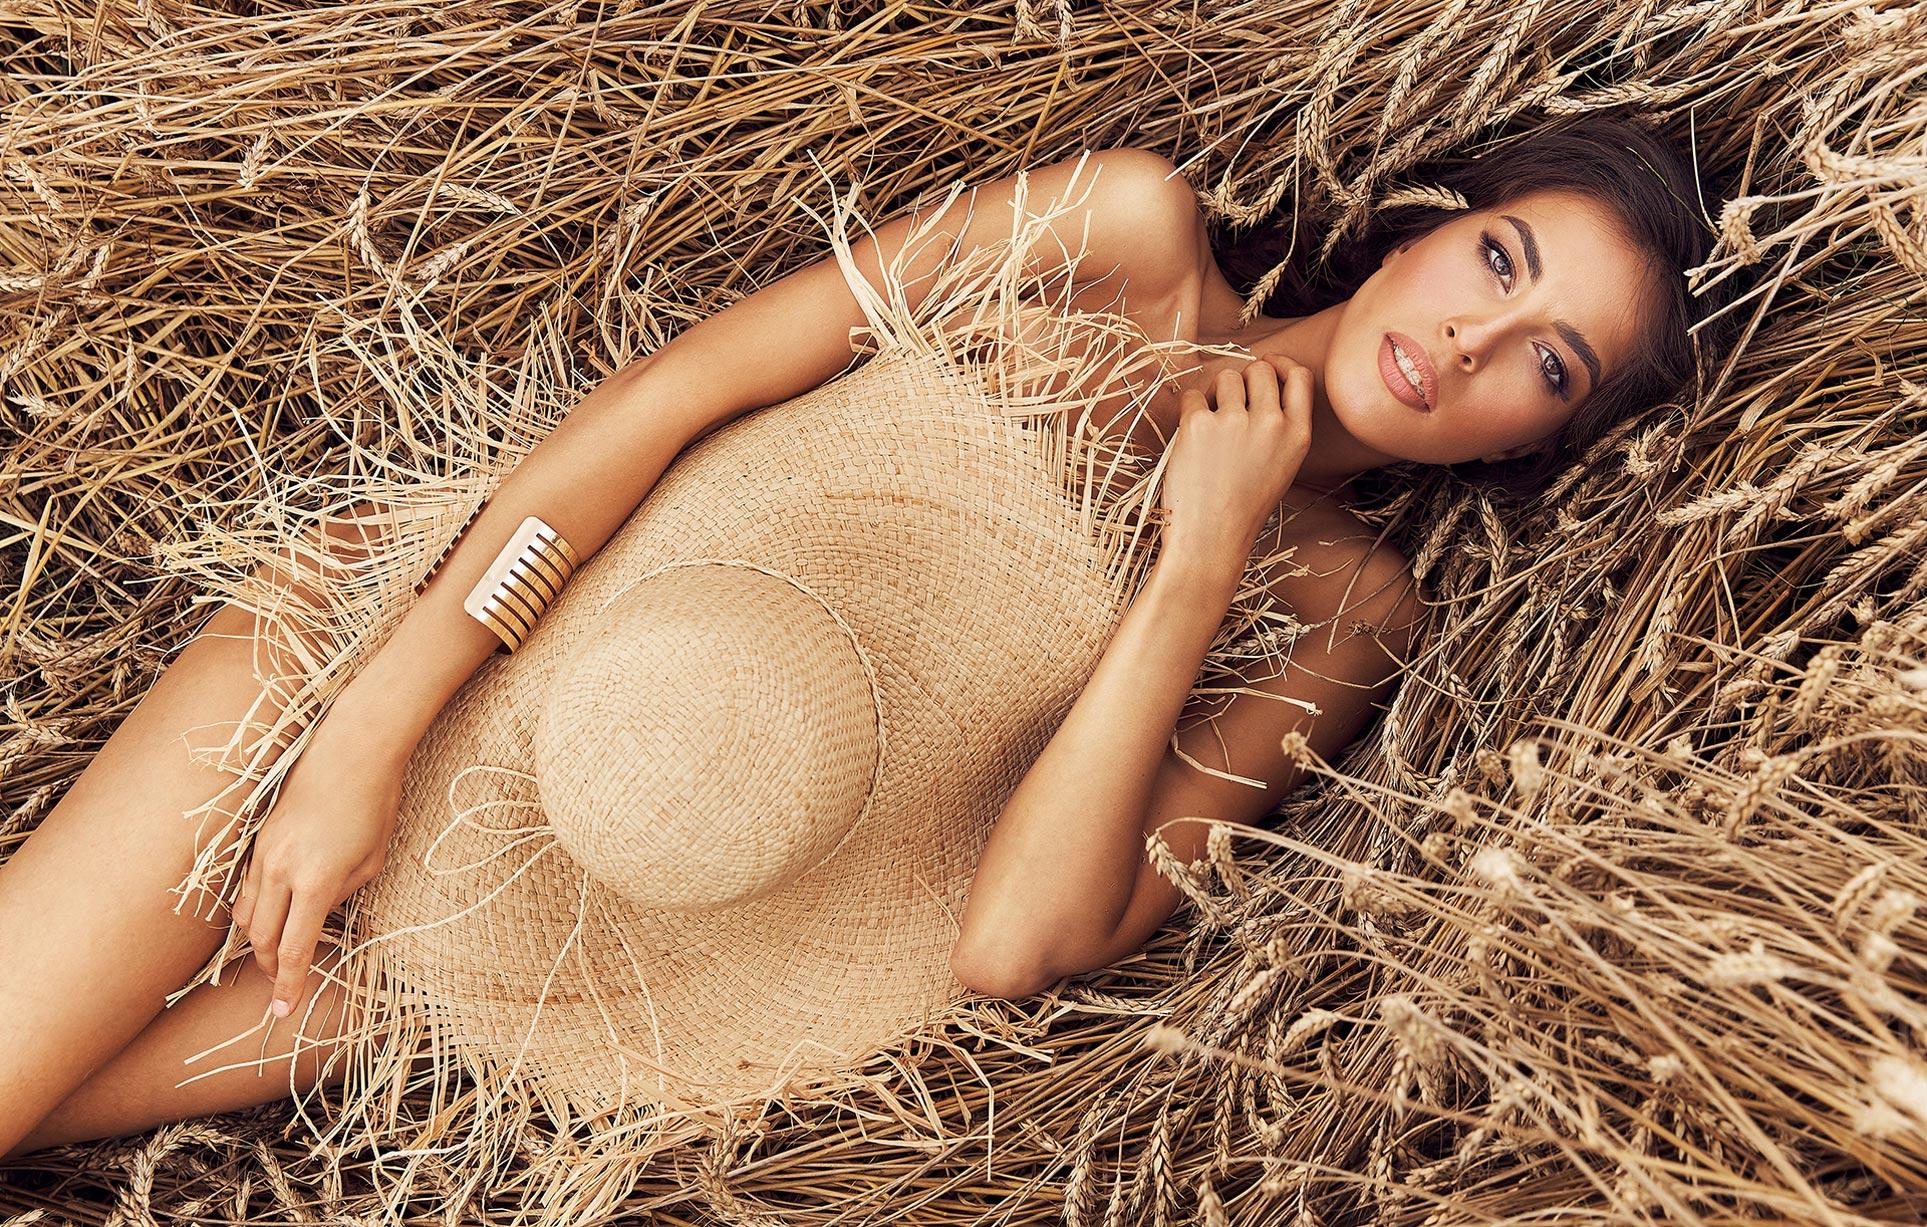 Красивая сексуальная девушка в пшеничном поле / фото 01